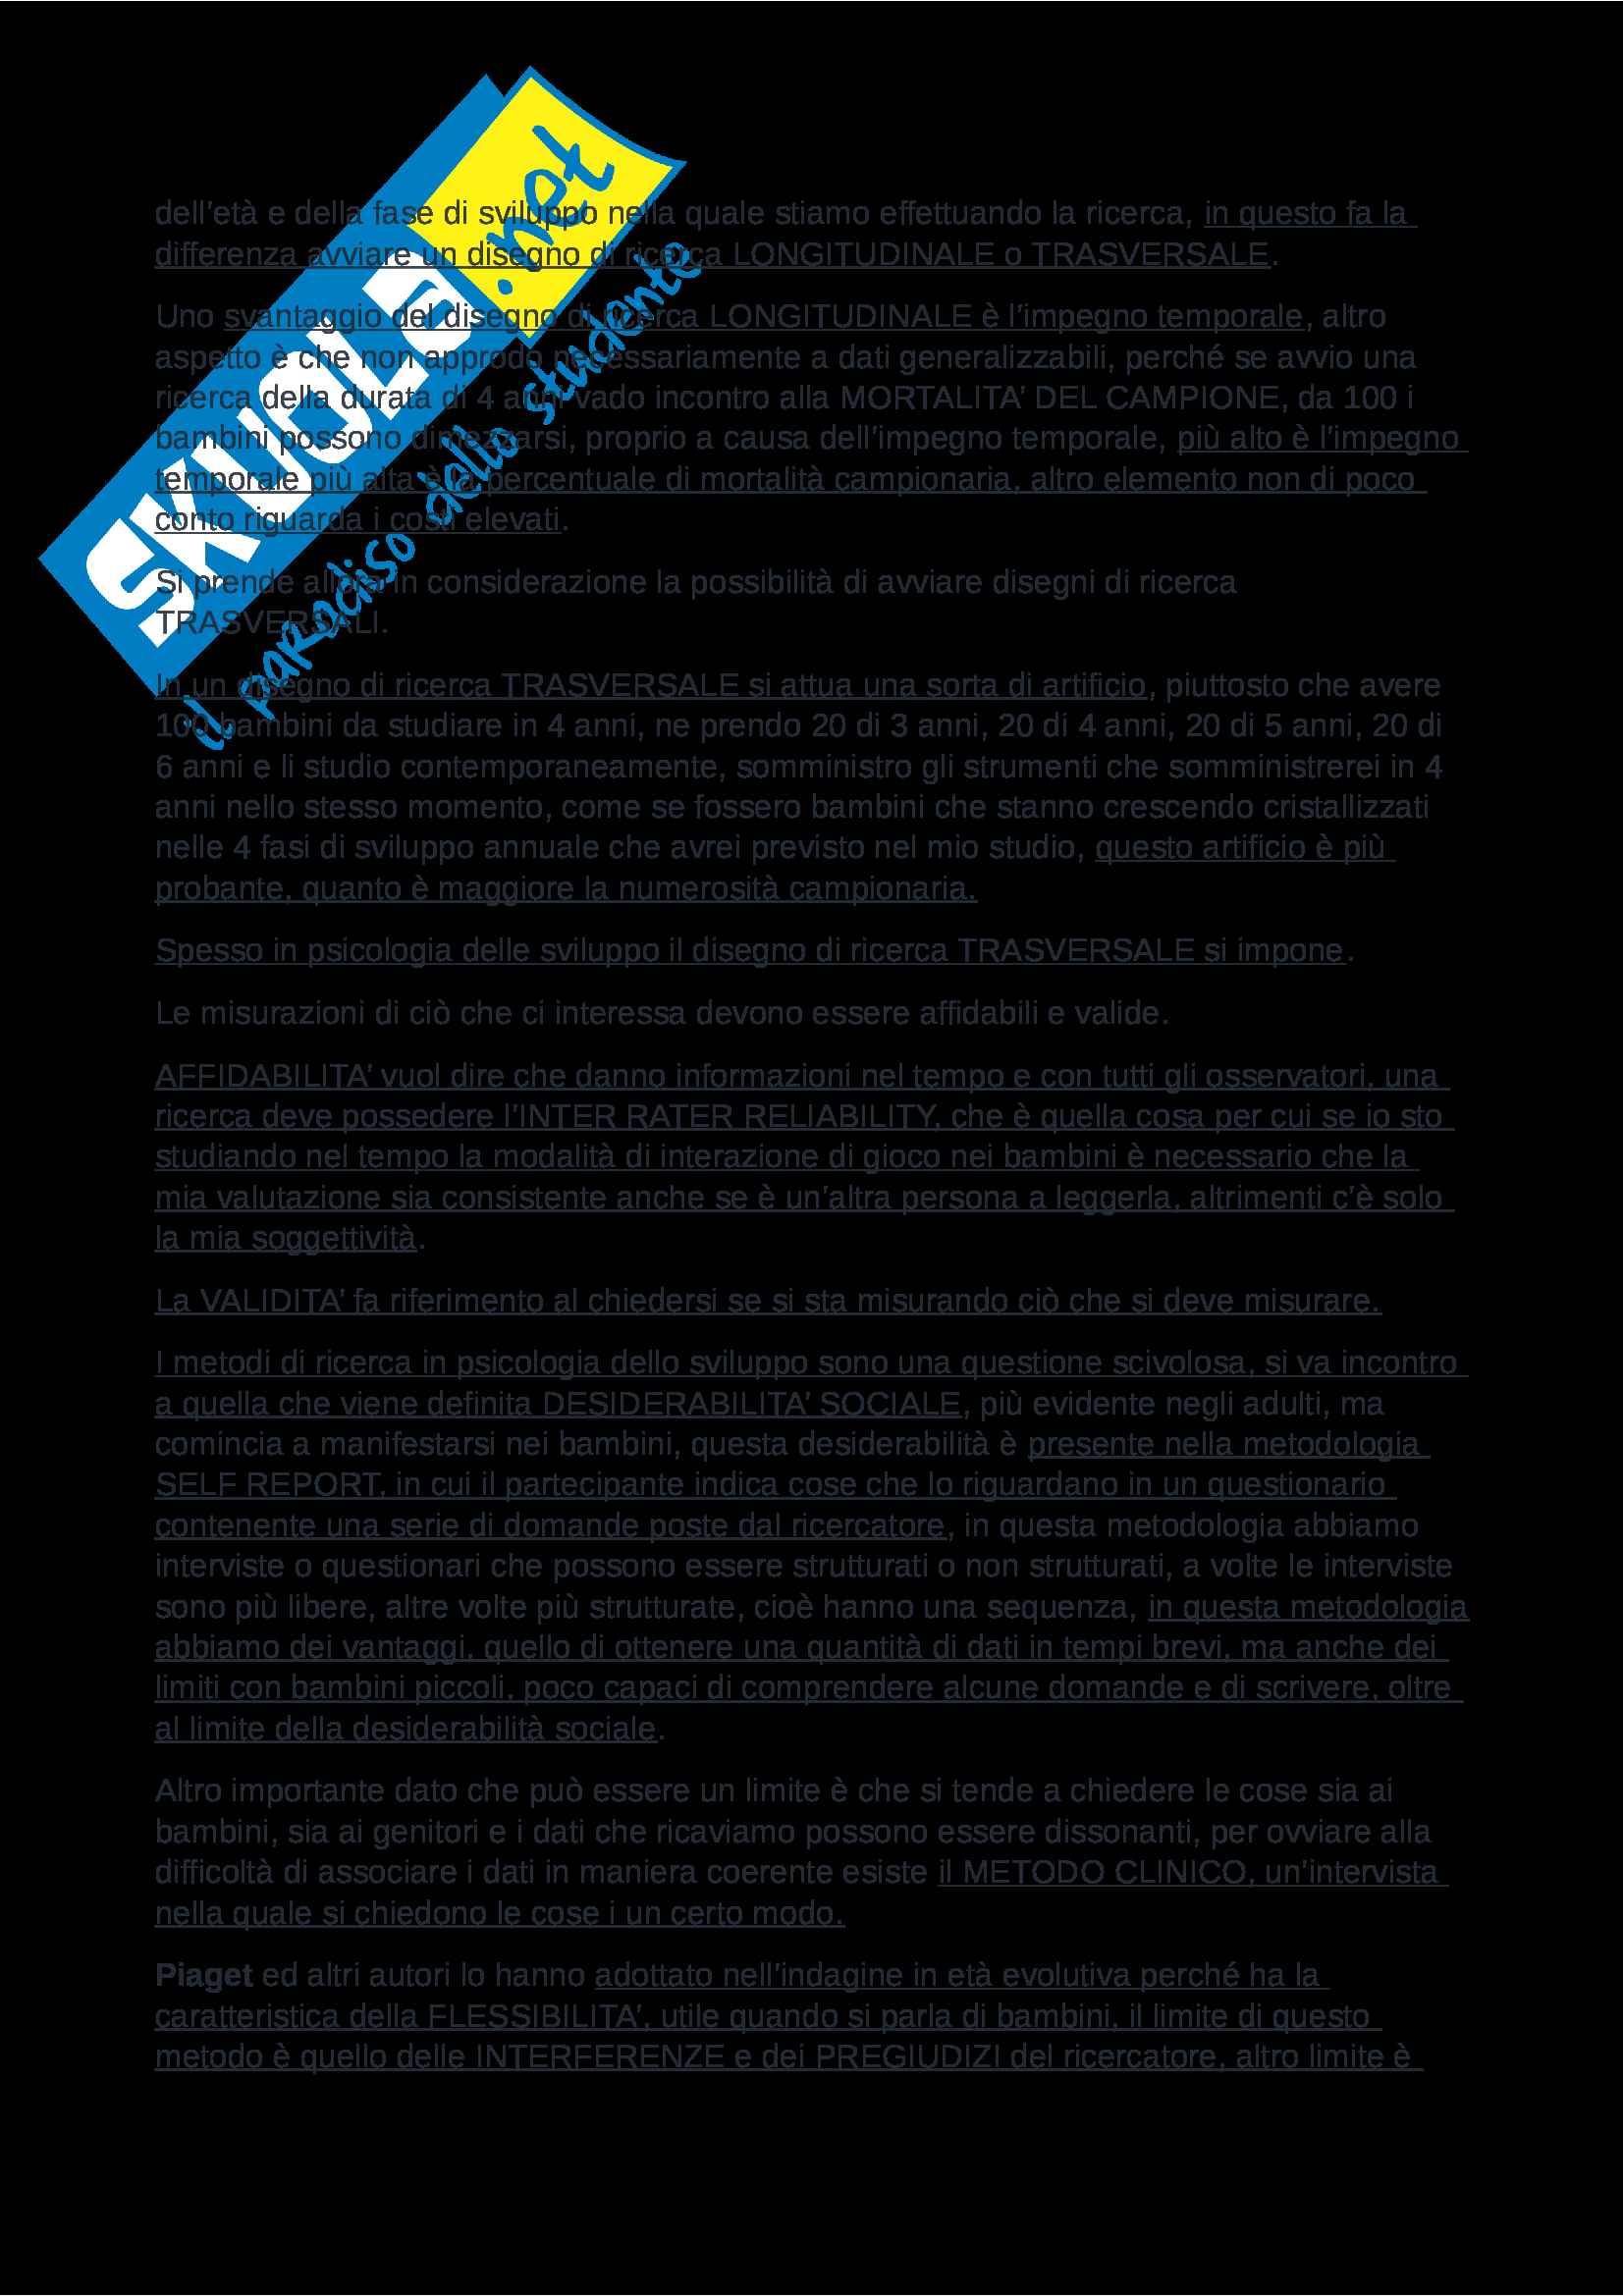 Riassunto esame Psicologia dello Sviluppo, Prof. Nicolais, libro consigliato Manuale Psicologia dello Sviluppo, Shaffer e Kipp Pag. 11